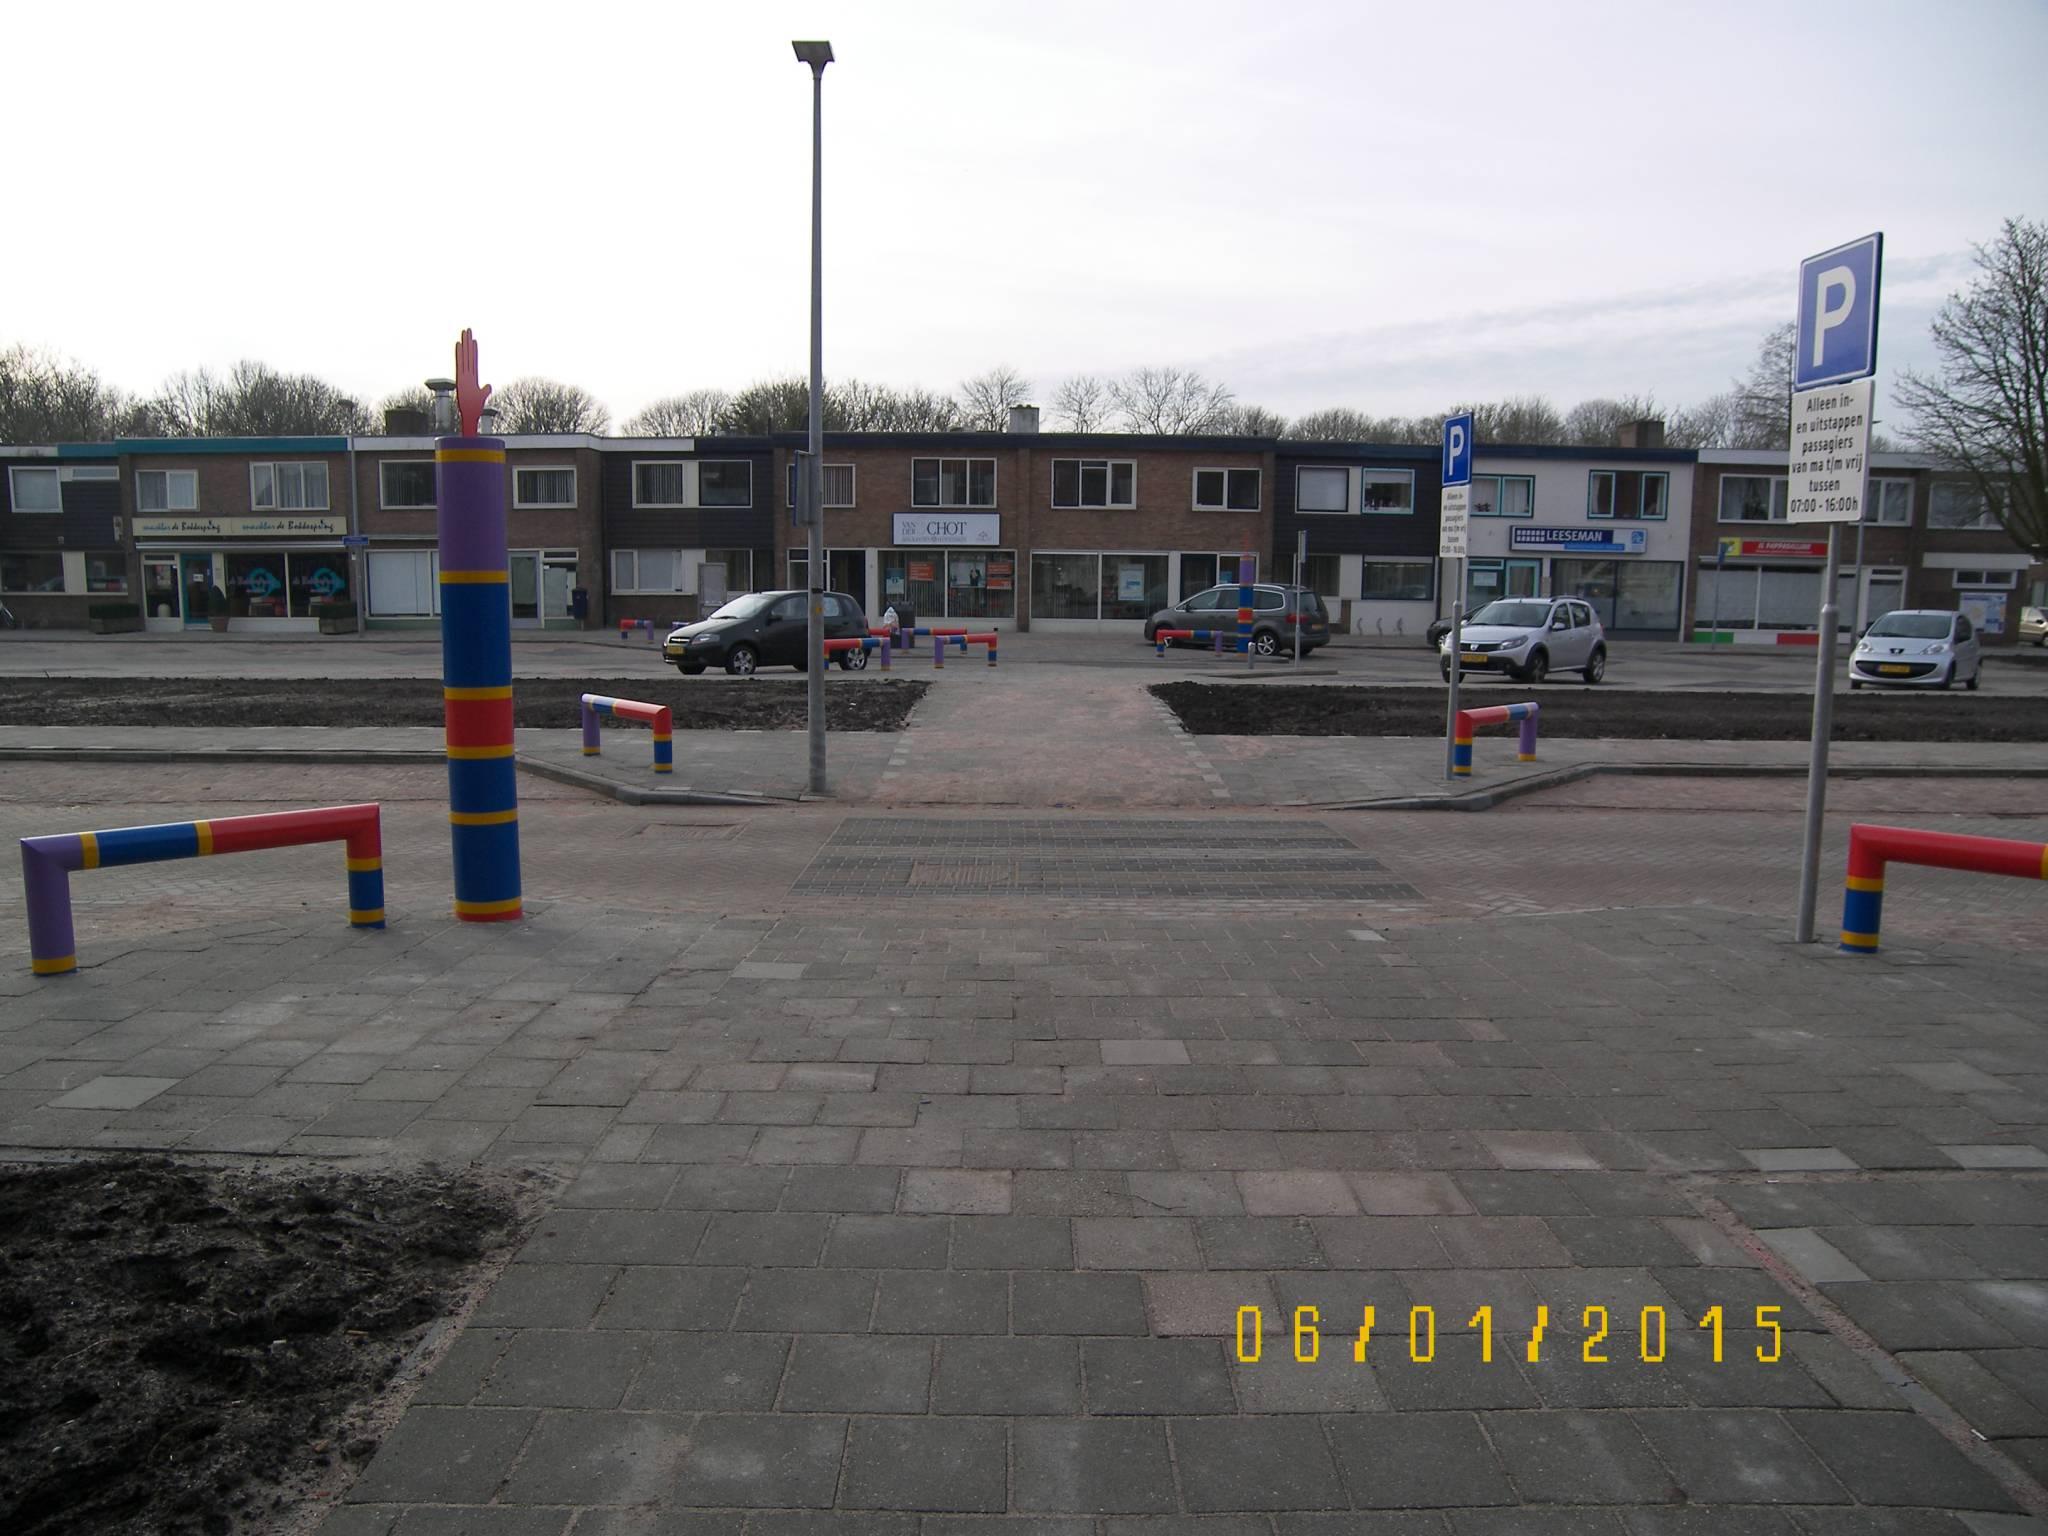 Aannemingsbedrijf Fronik Infra B.V. in Mijdrecht Uithoorn P-voorziening KindCentrum